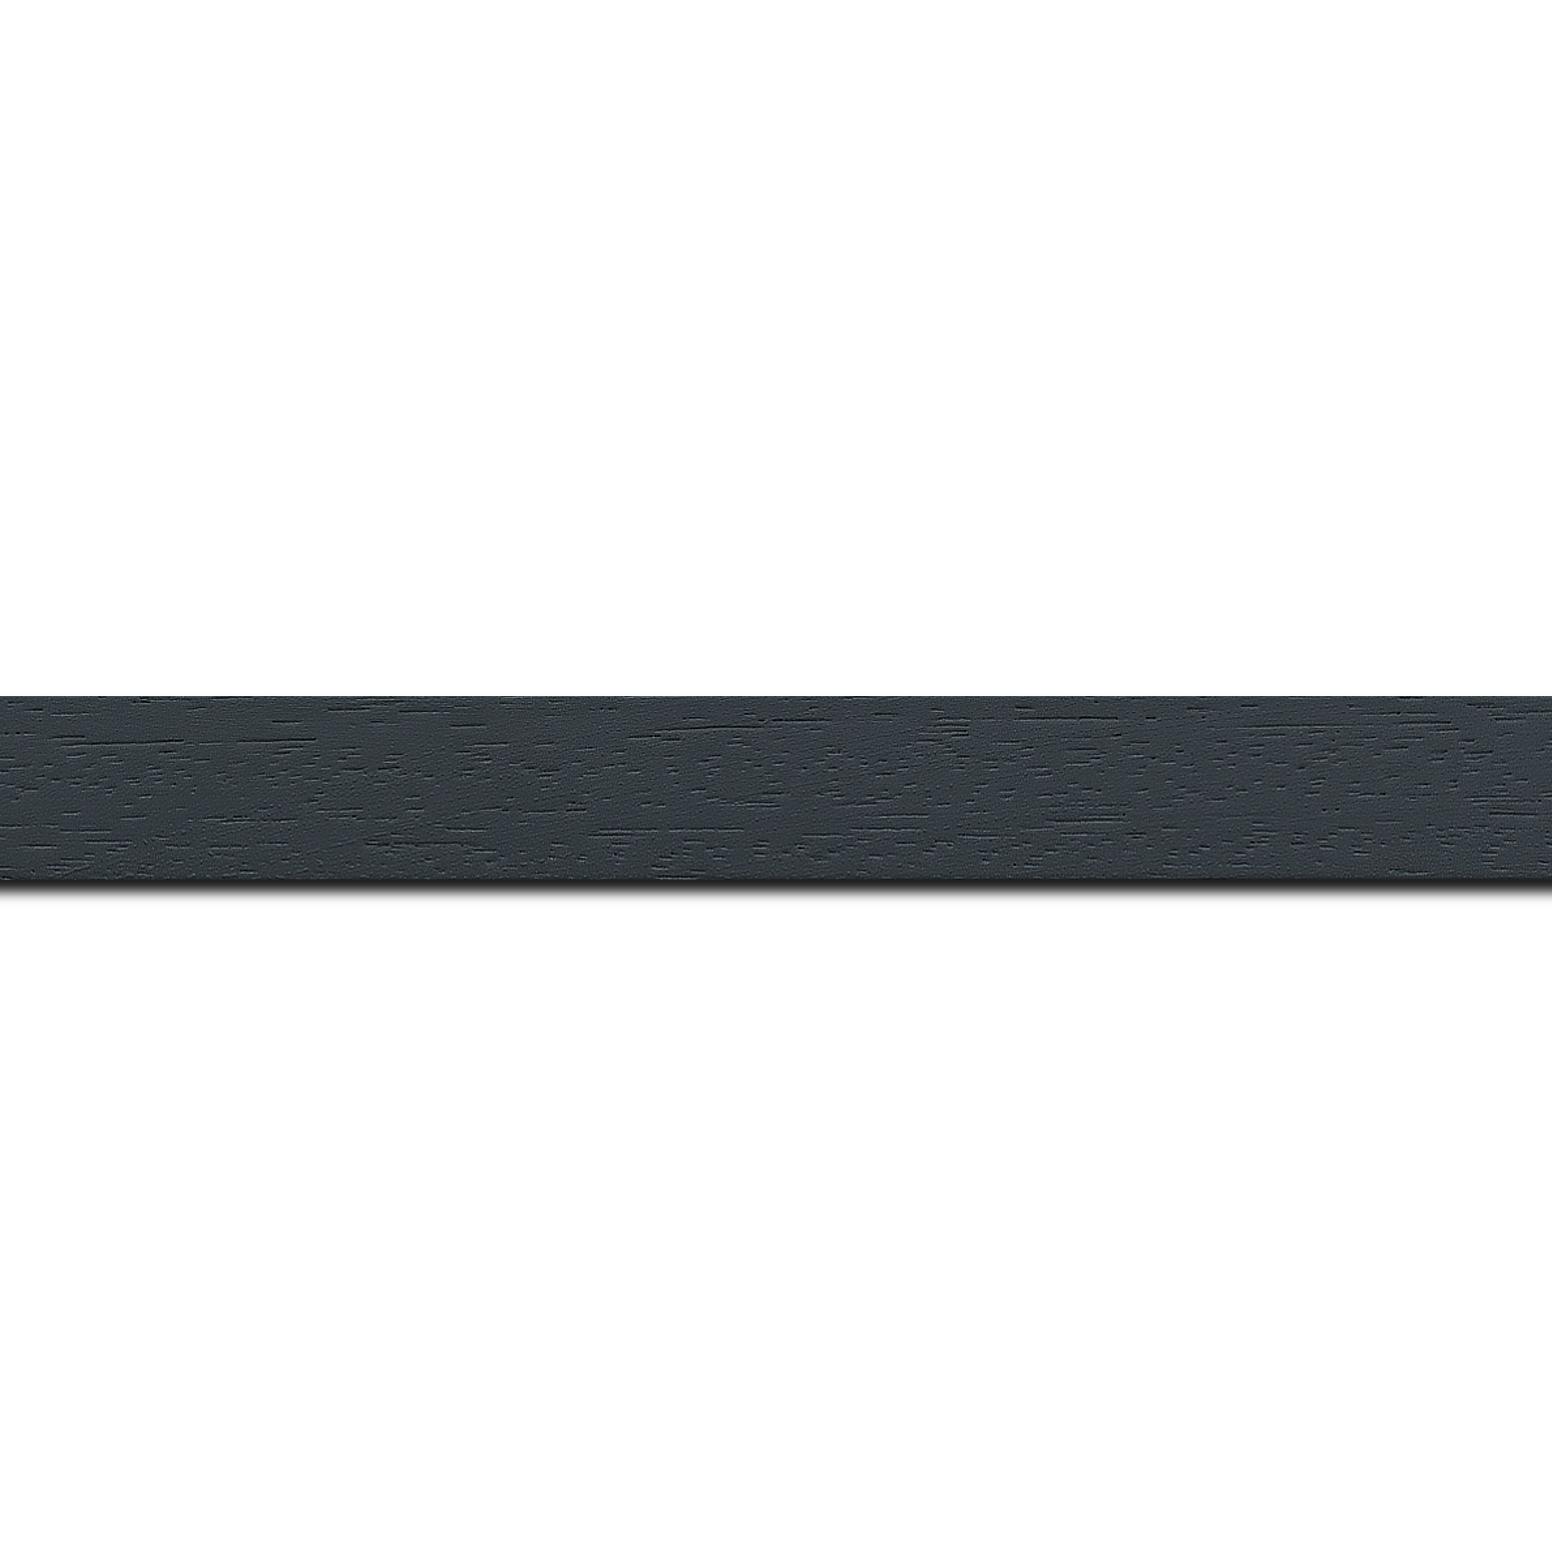 Pack par 12m, bois profil plat largeur 2cm couleur gris foncé satiné(longueur baguette pouvant varier entre 2.40m et 3m selon arrivage des bois)